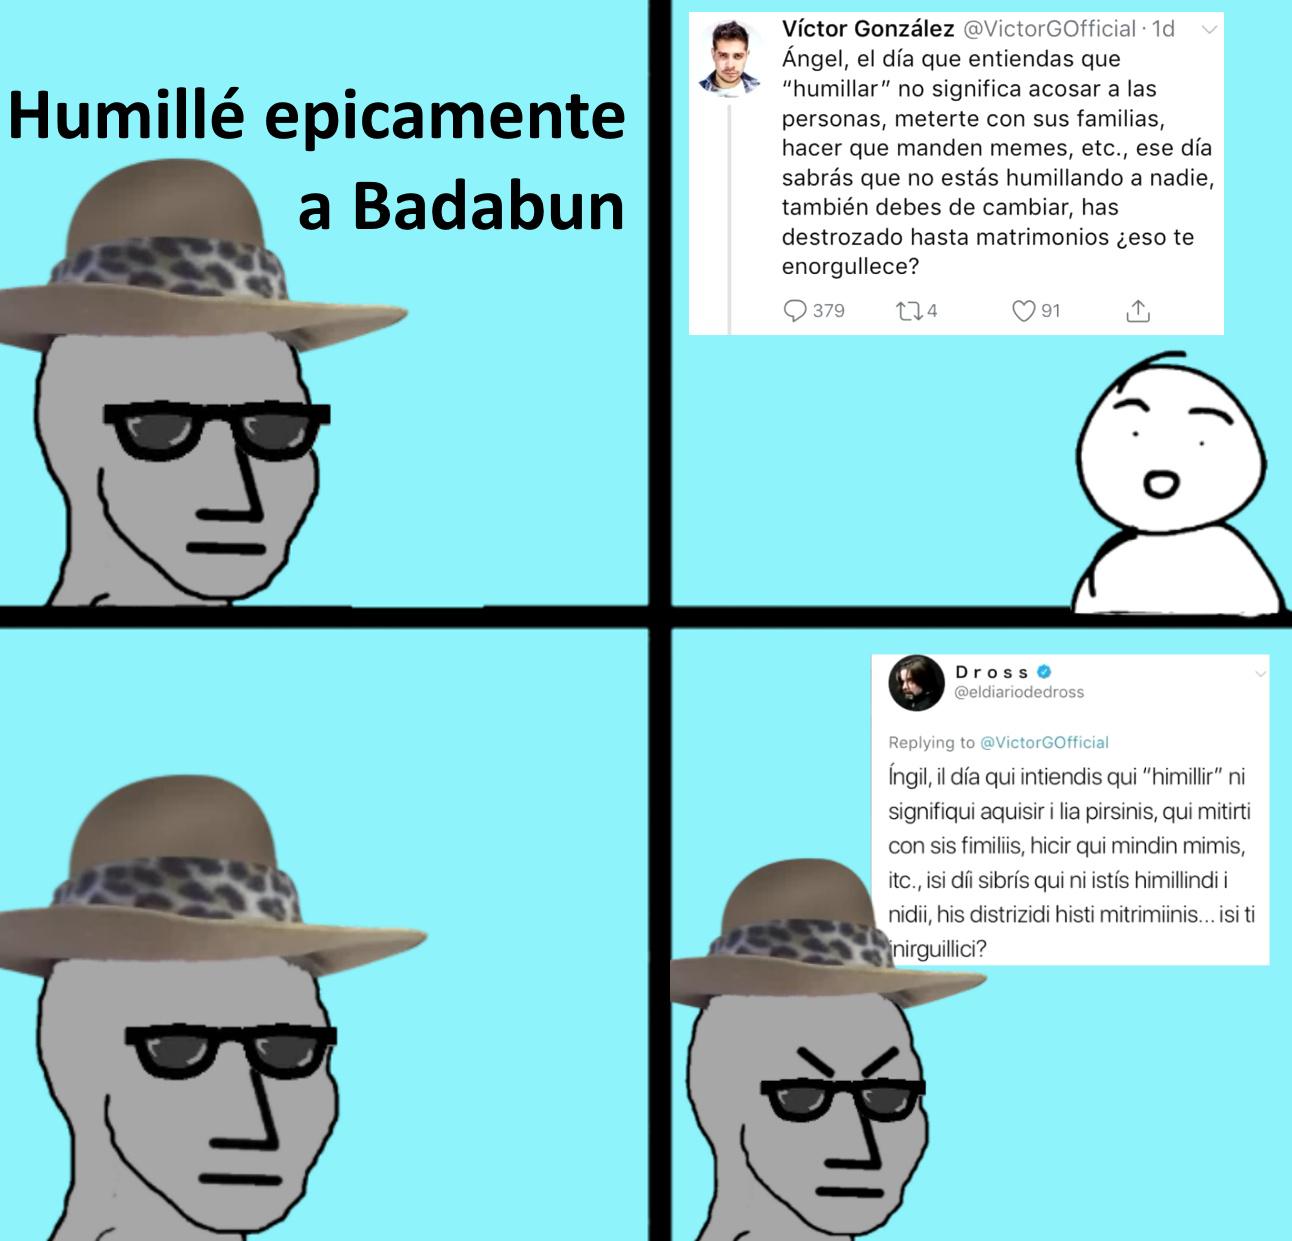 Viva internet explorer - meme